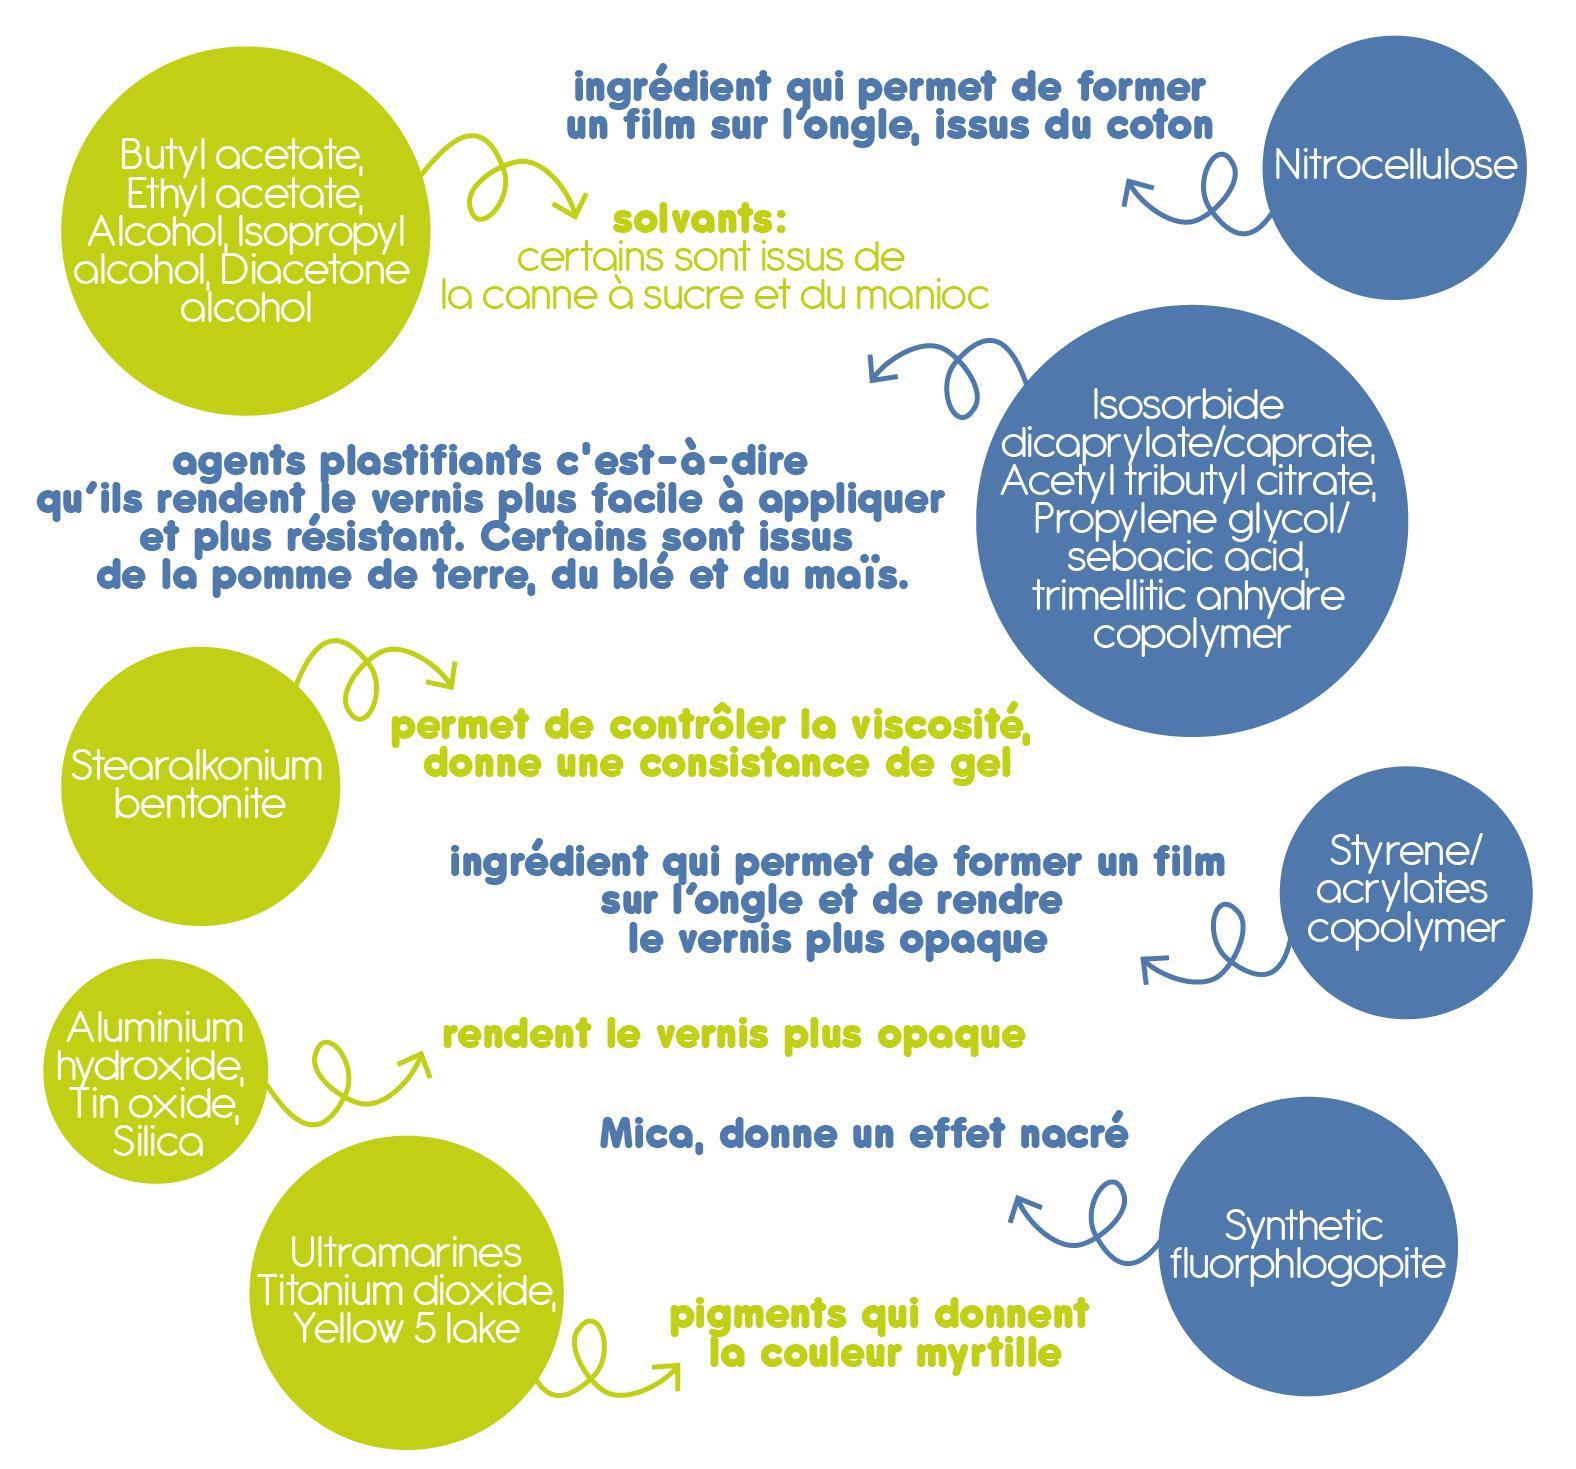 BUTYL ACETATE, ETHYL ACETATE, ALCOHOL, ISOPROPYL ALCOHOL, DIACETONE ALCOHOL : solvants. Certains sont issus de la canne à sucre et du manioc  NITROCELLULOSE : ingrédient qui permet de former un film sur l'ongle, issus du coton  ISOSORBIDE DICAPRYLATE/CAPRATE, ACETYL TRIBUTYL CITRATE, PROPYLENE GLYCOL/SEBACIC ACID, TRIMELLITIC ANHYDRIDE COPOLYMER: agents plastifiants c'est-à-dire qu'ils rendent le vernis plus facile à appliquer et plus résistant. Certains sont issus de la pomme de terre, du blé et du maïs  STEARALKONIUM BENTONITE: permet de contrôler la viscosité, donne une consistance de gel  STYRENE/ACRYLATES COPOLYMER : ingrédient qui permet de former un film sur l'ongle et de rendre le vernis plus opaque  ALUMINIUM HYDROXIDE,  TIN OXIDE, SILICA : rendent le vernis plus opaque  SYNTHETIC FLUORPHLOGOPITE : Mica, donne un effet nacré  ULTRAMARINES, TITANIUM DIOXIDE, YELLOW 5 LAKE : pigments qui donnent la couleur myrtille